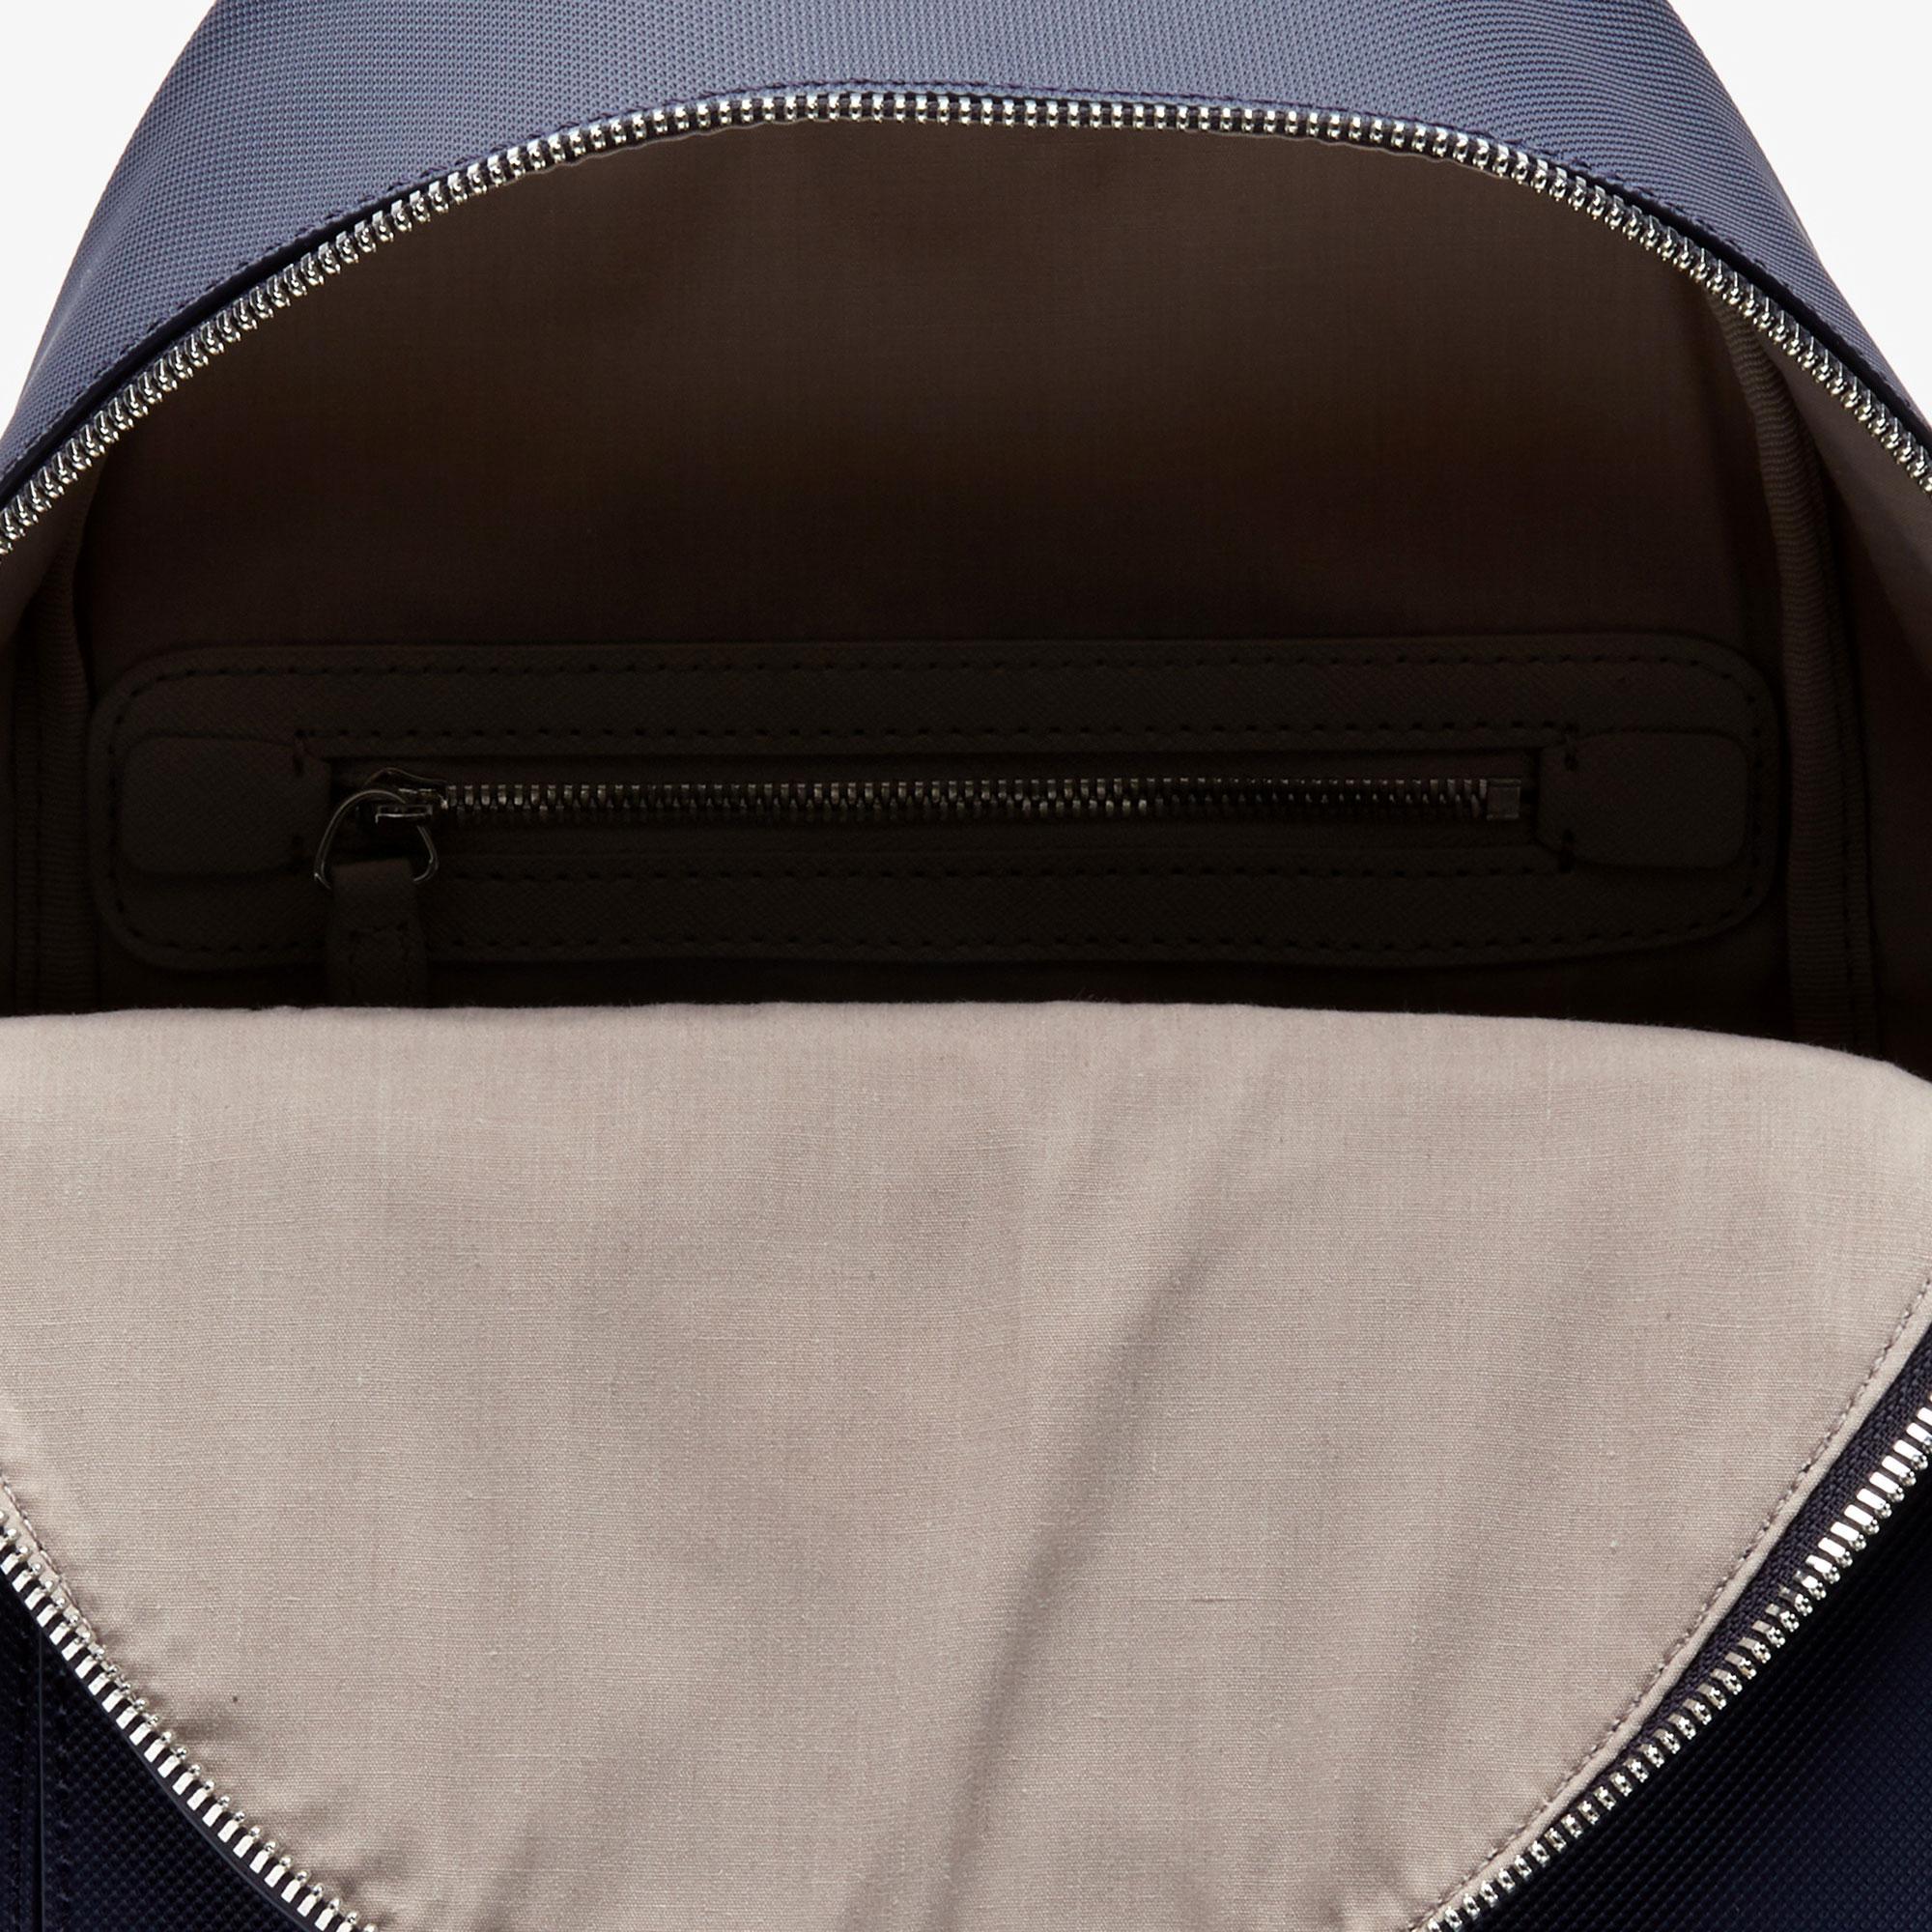 Lacoste Damski plecak miejski o klasycznym kroju obszyta płótnem typu pika